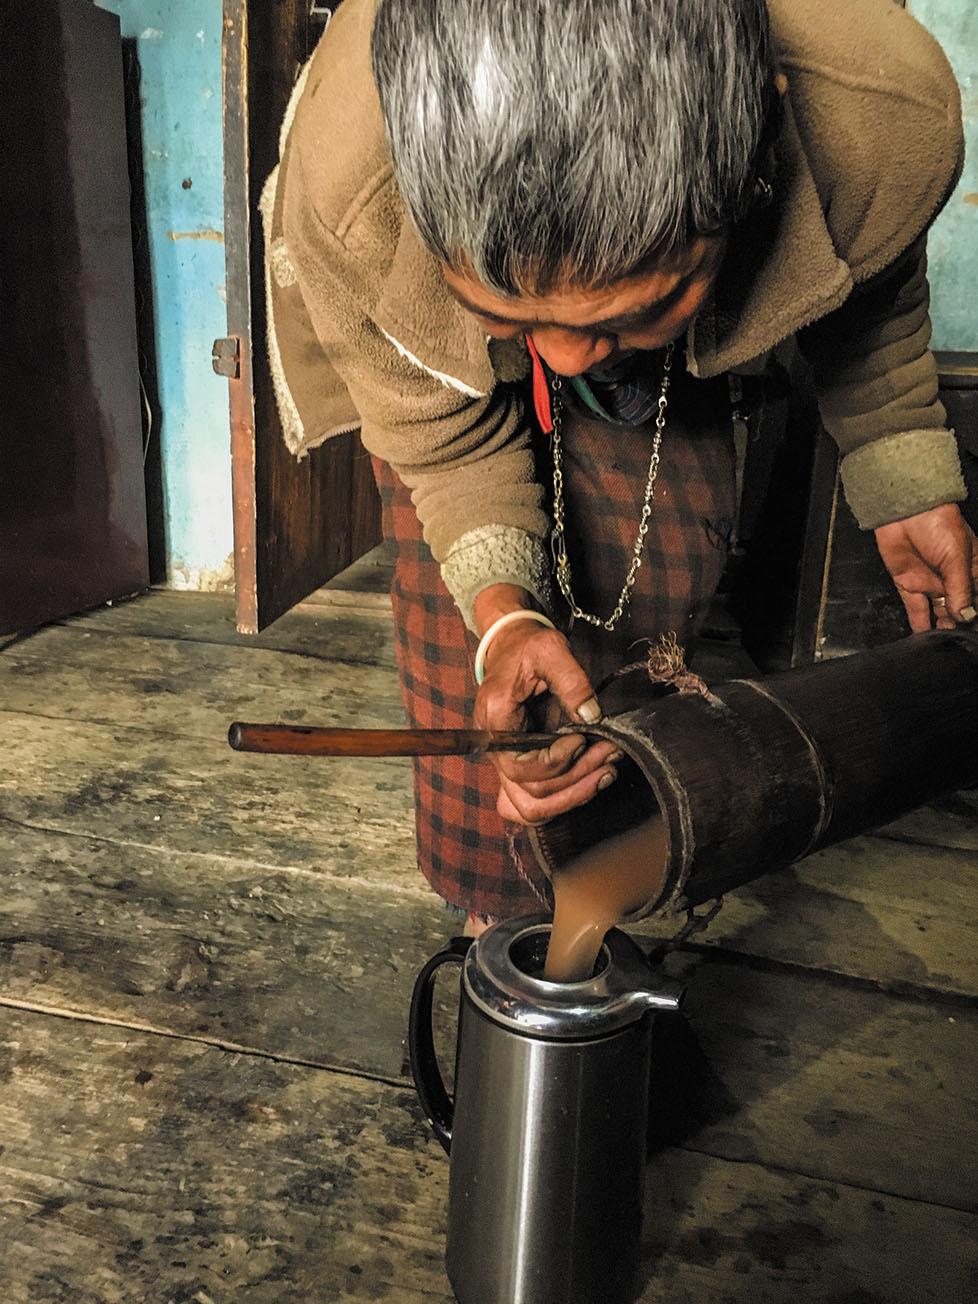 ブータンでは紅茶にバターと塩を入れて撹拌するバター茶を愛飲している。